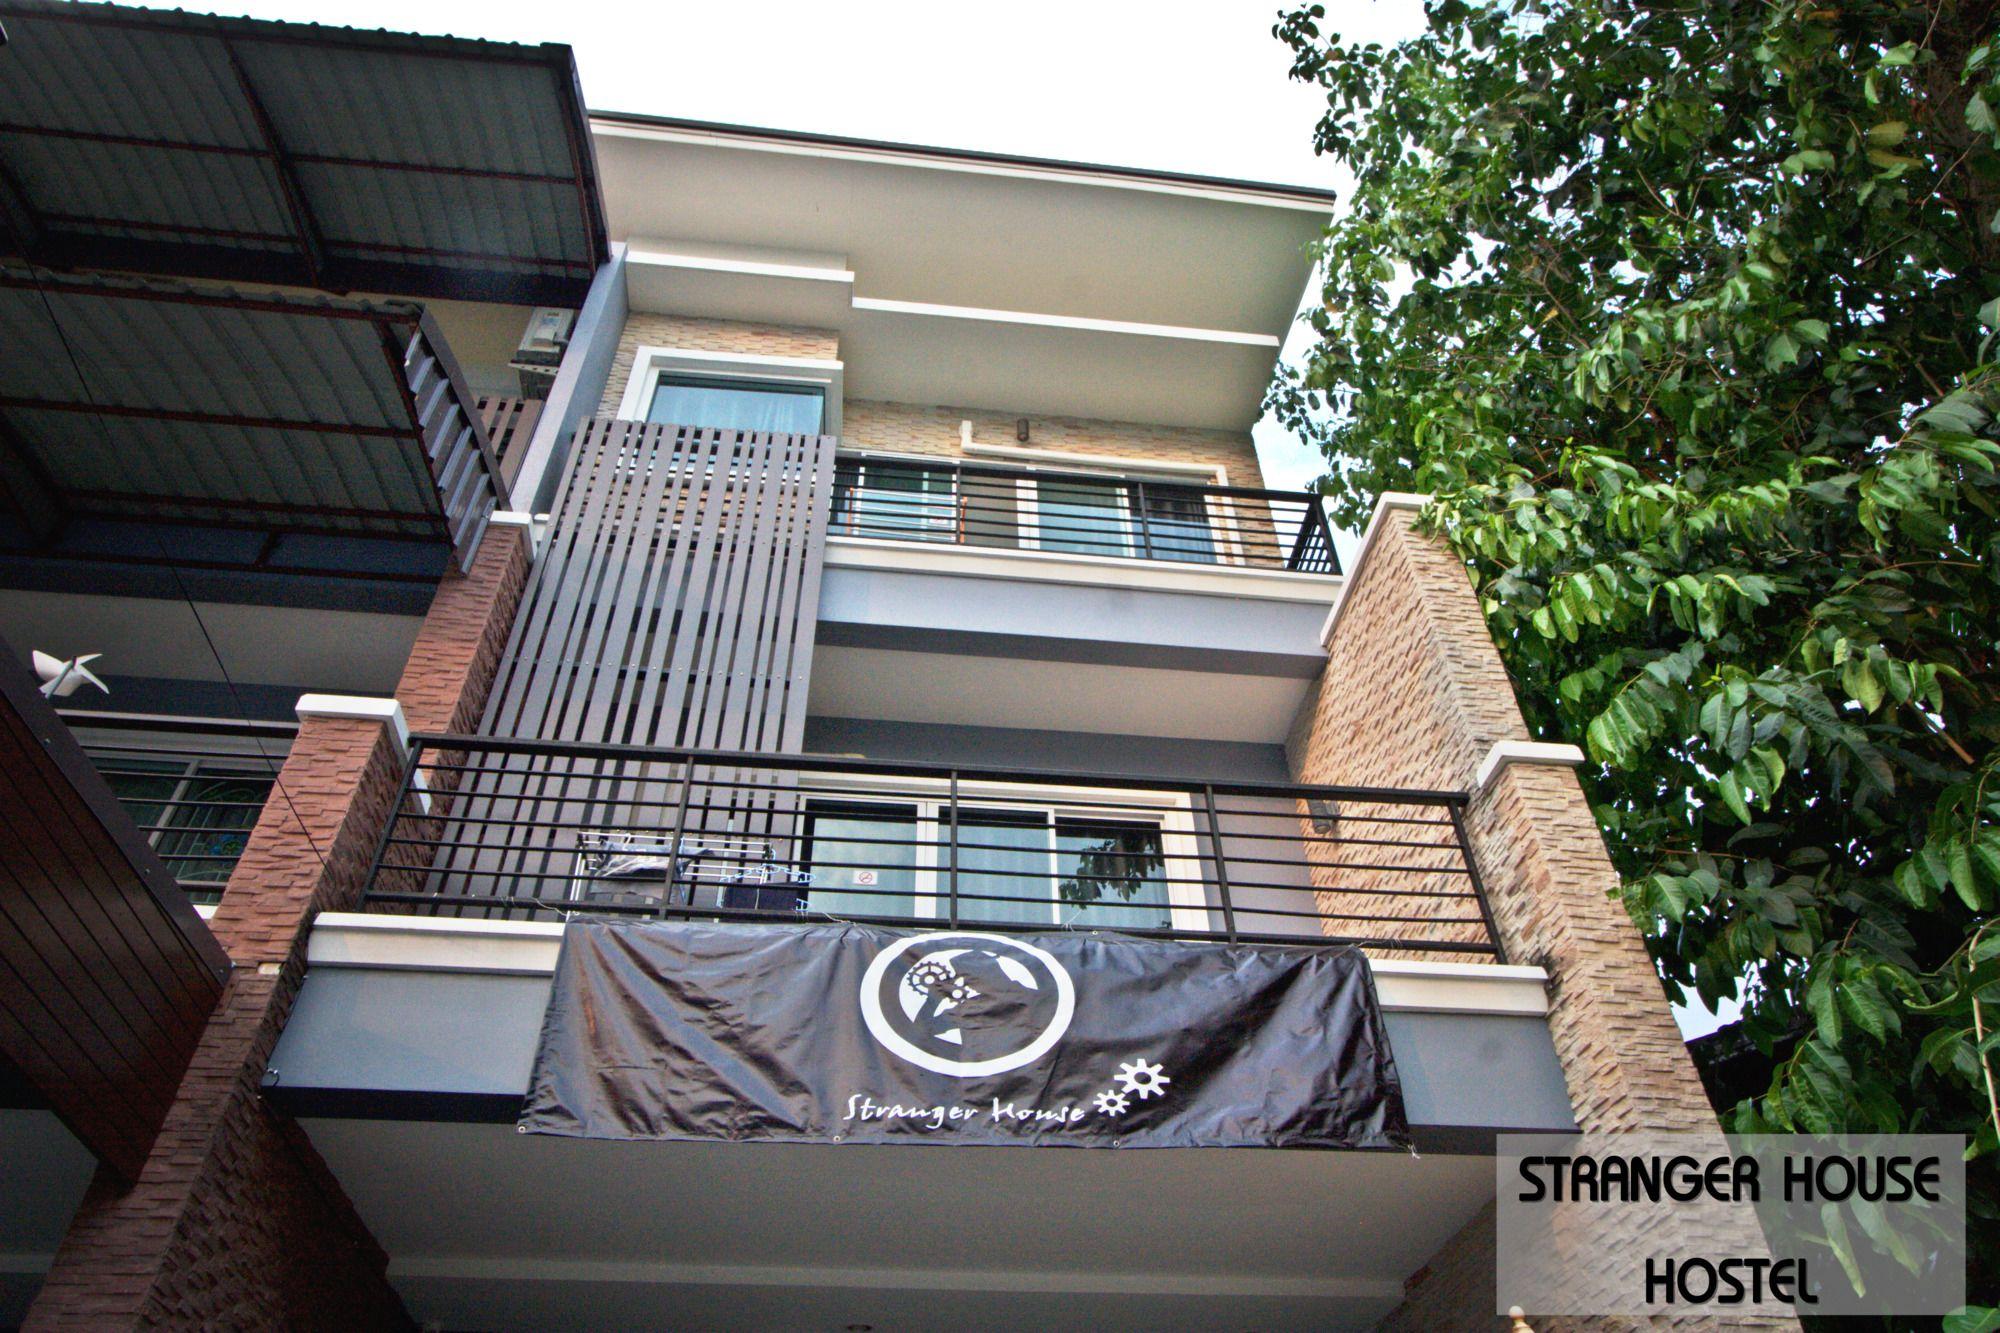 Gallery image of Stranger House